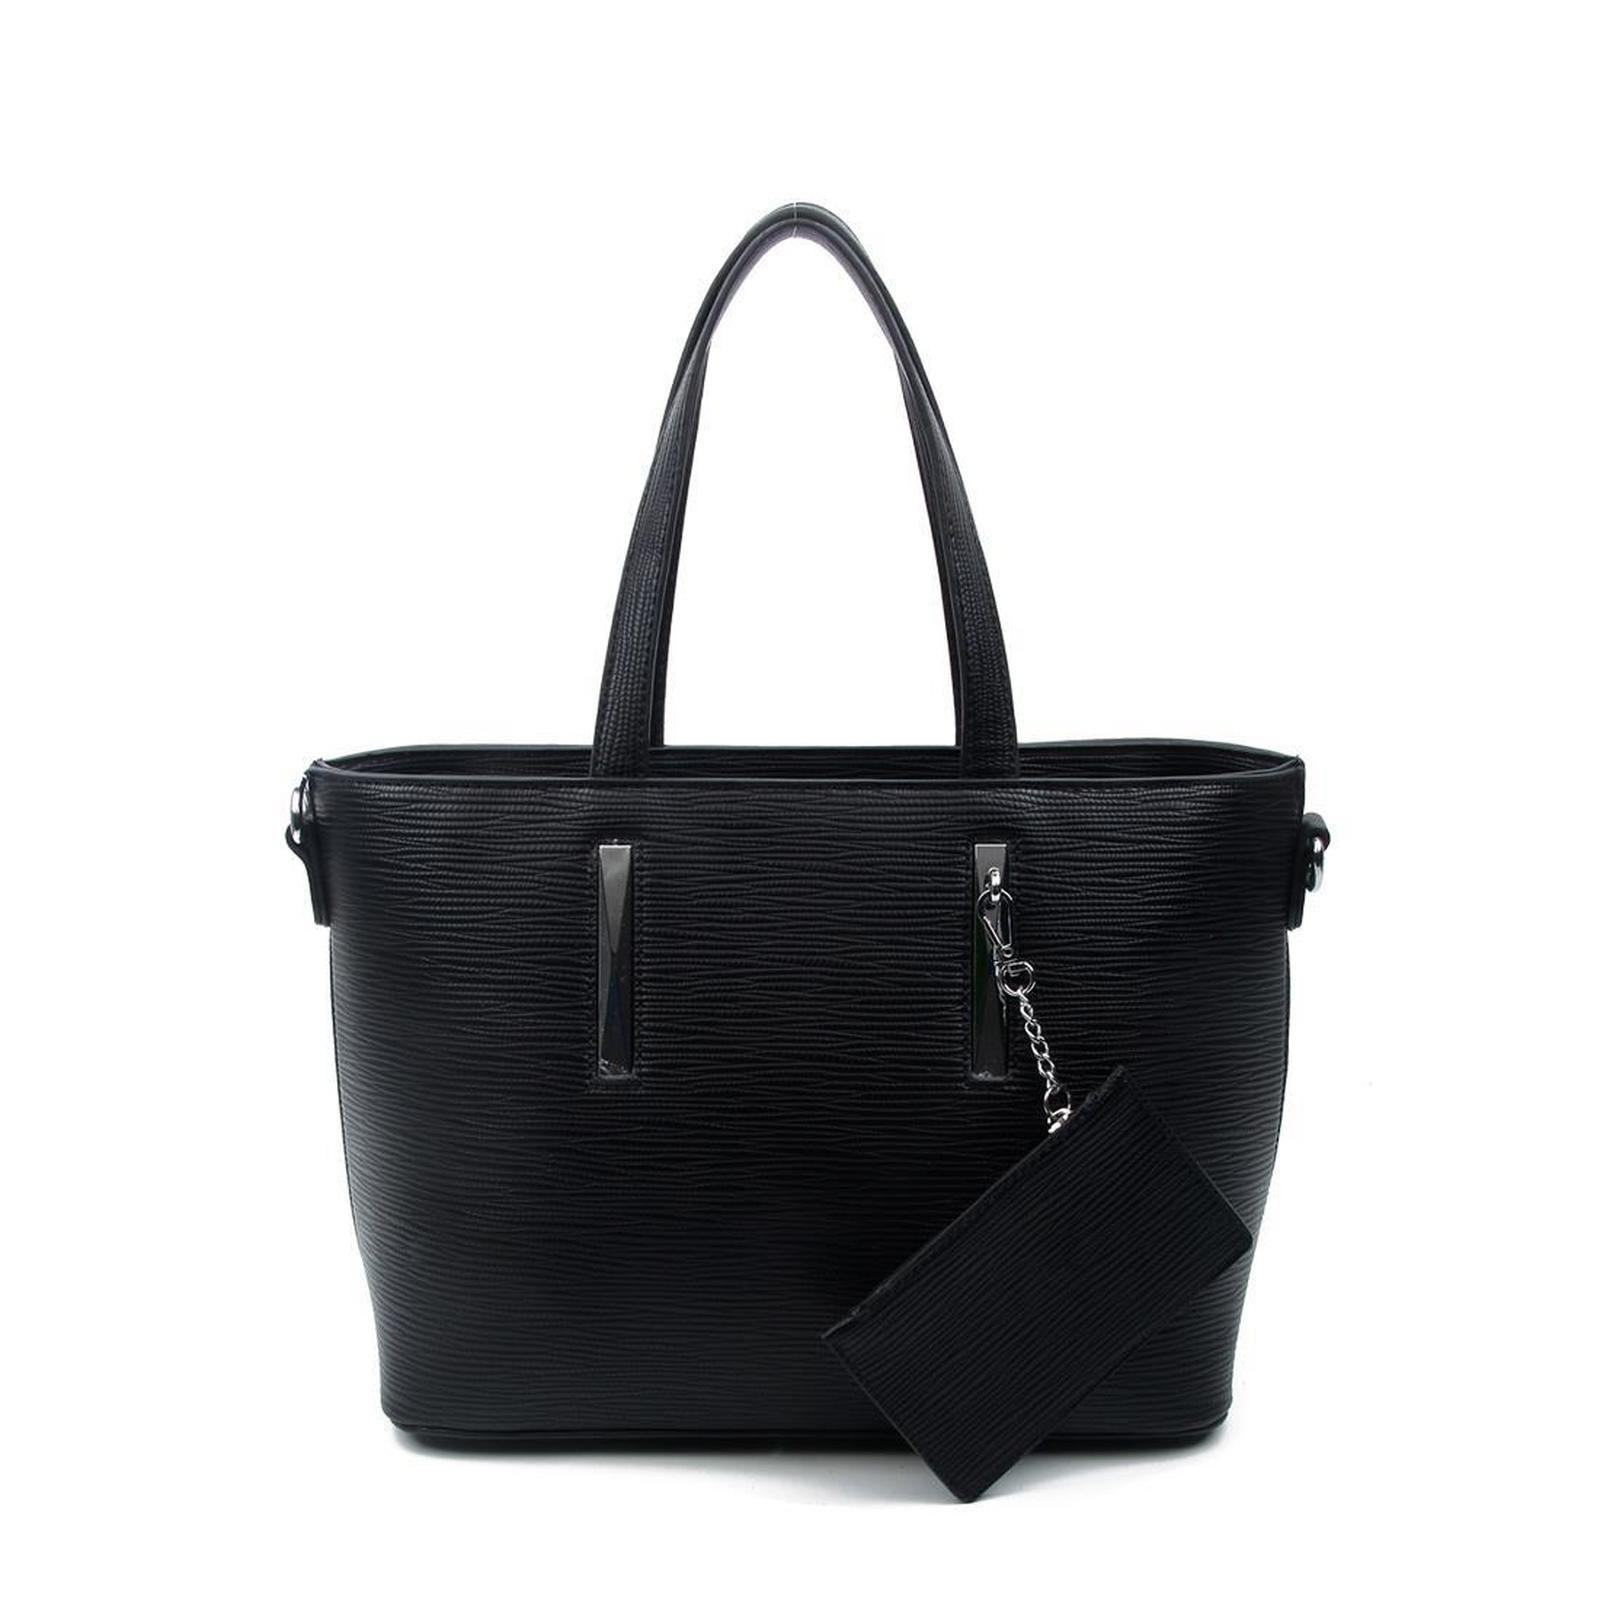 8d422ef474838 OBC Damen Business Tasche Shopper Workbag Schultertasche ...